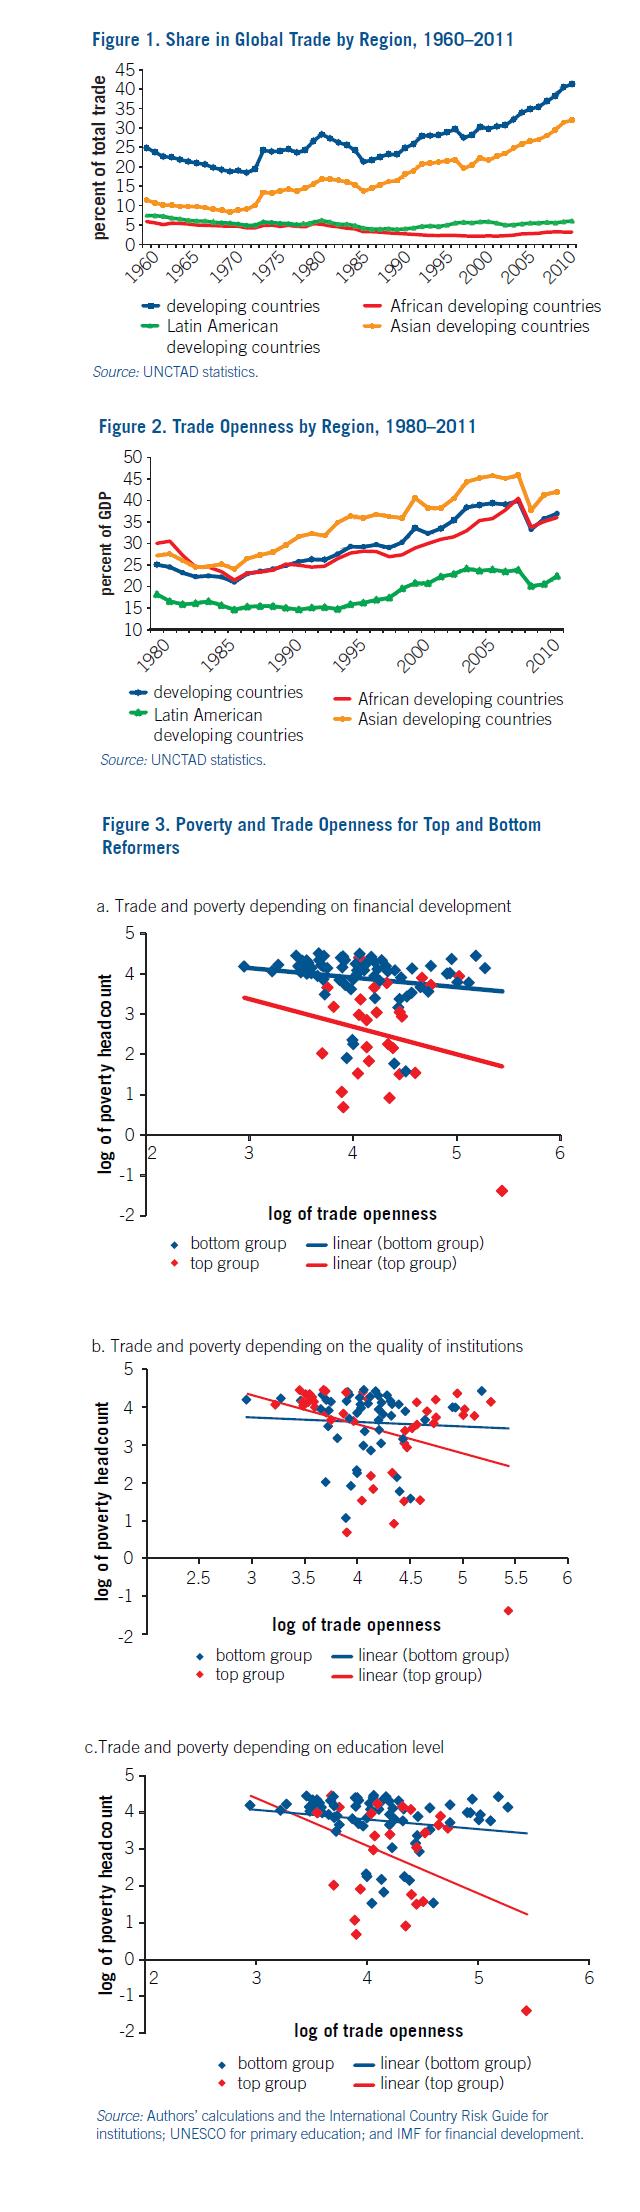 Pobreza Comercio Instituciones África